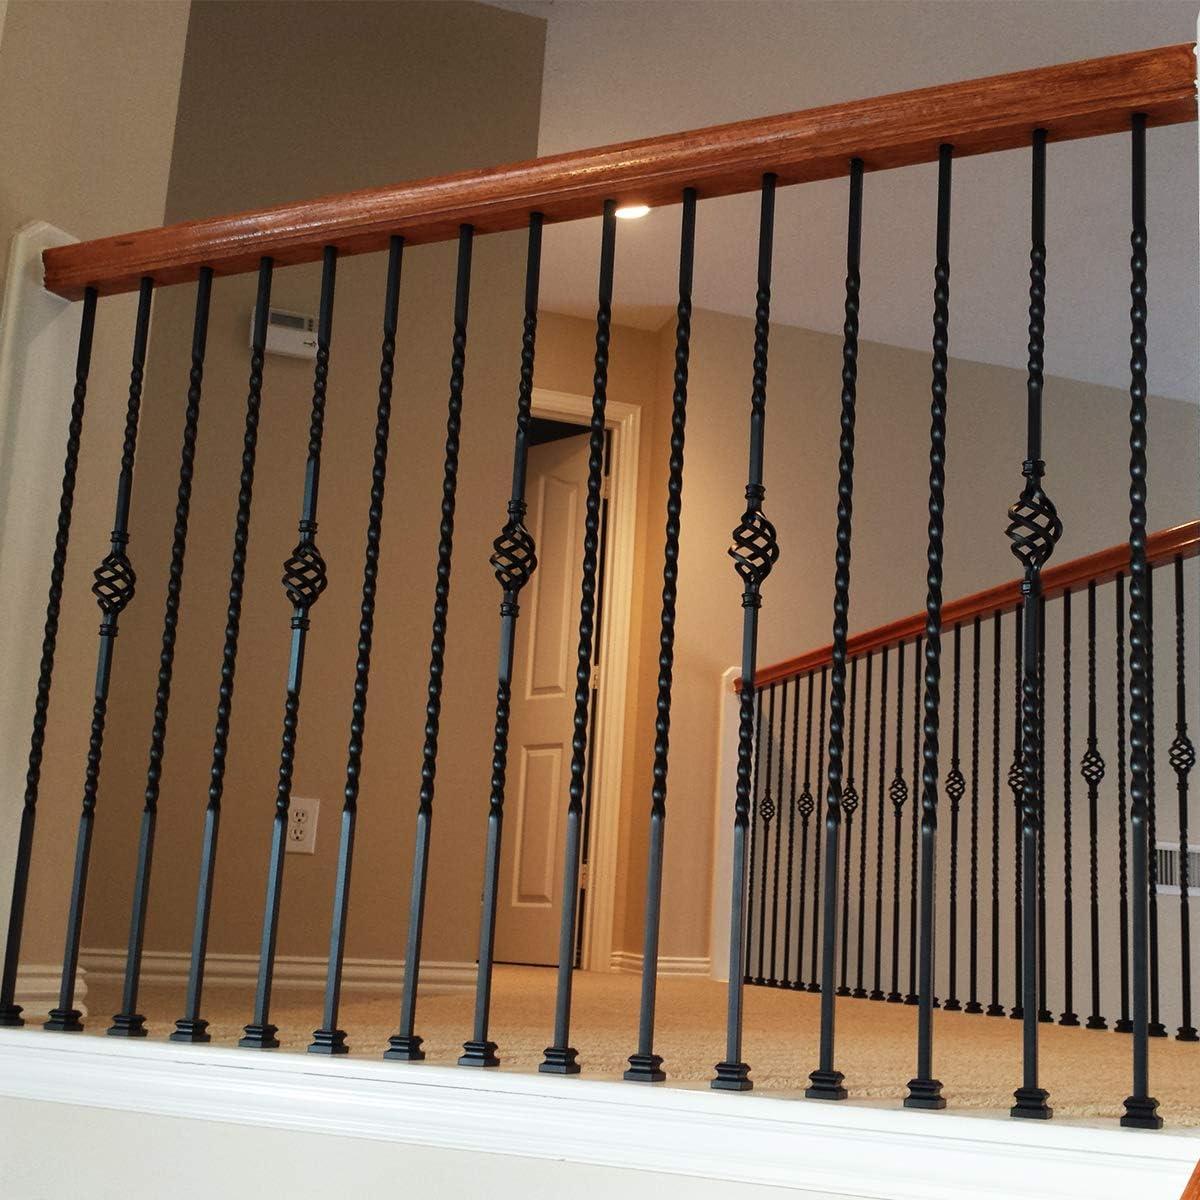 Balaustres de hierro para escalera de largo giro (paquete de 15), huecos de metal para riel de escalera, huecos de 1/2 x 44 pulgadas de alto, balaustres de satén negro: Amazon.es: Bricolaje